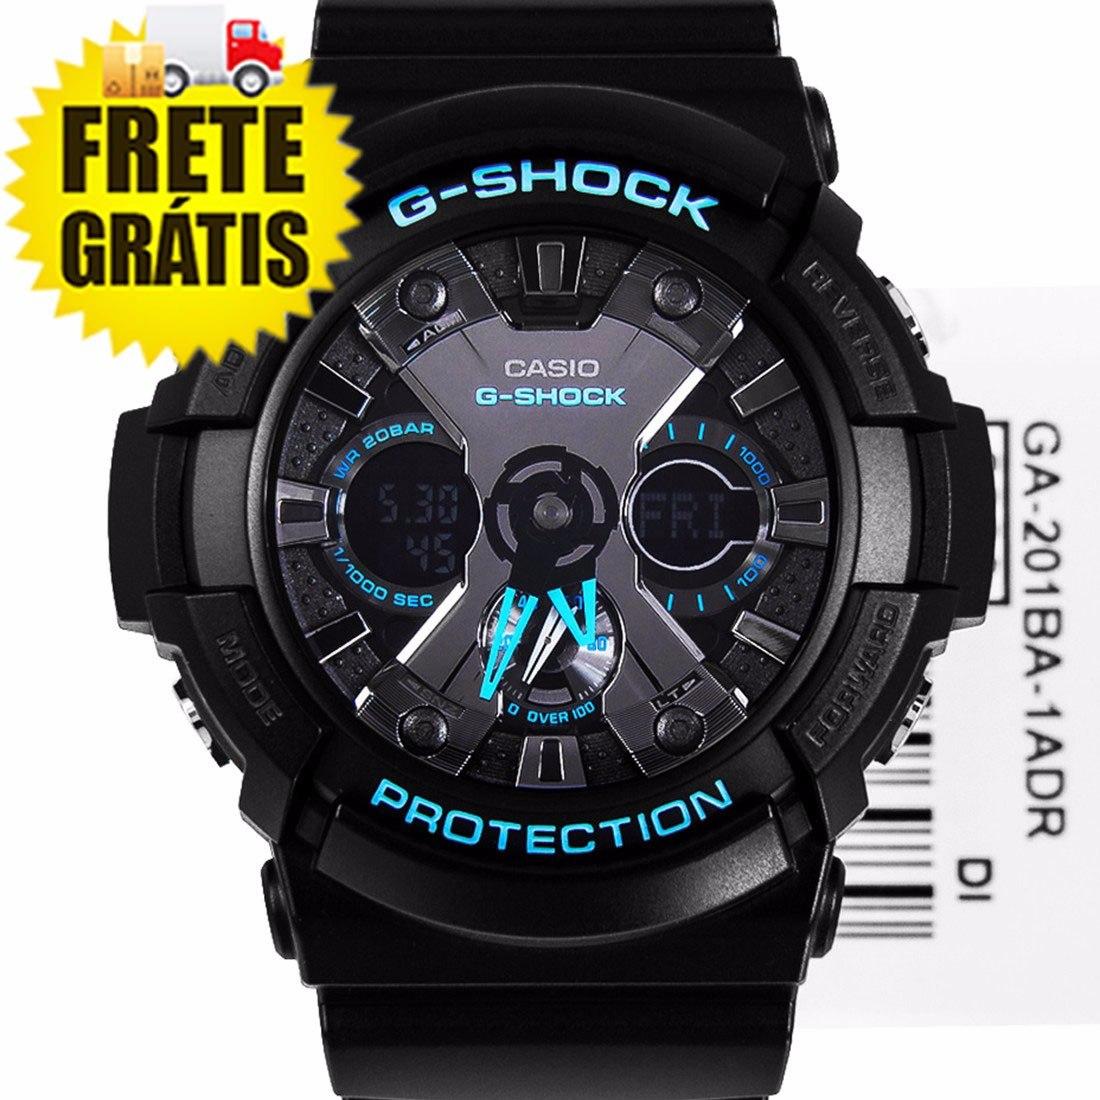 5479284a593 relógio masculino anadigi casio g-shock preto azul original. Carregando  zoom.